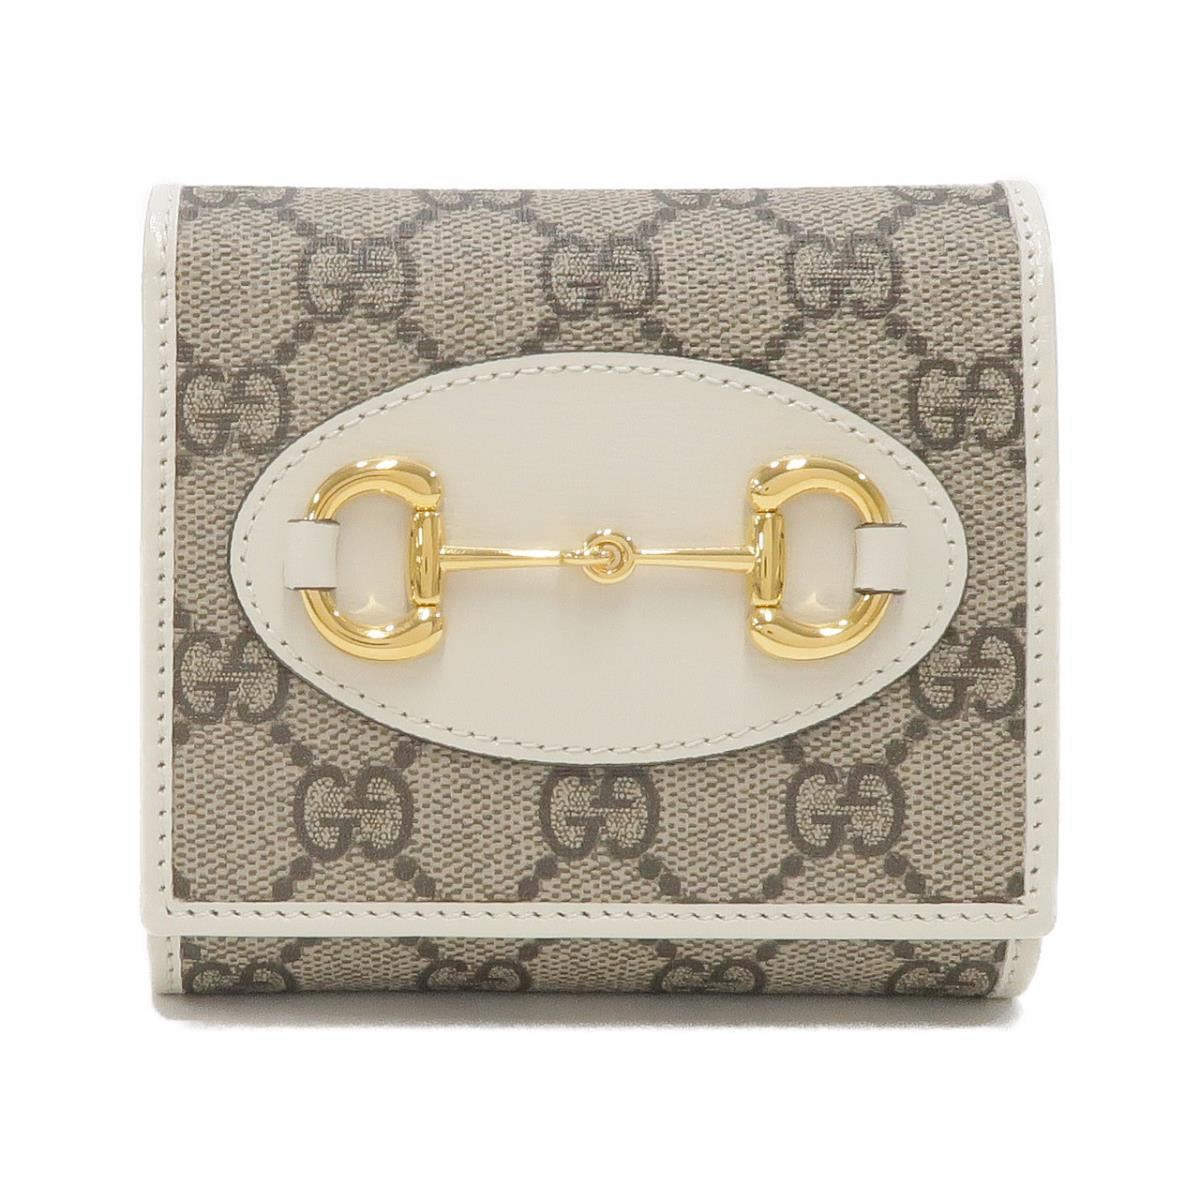 グッチ グッチ公式オンラインショップ バッグ・財布・時計の通販 ラグジュアリーファッションを再定義